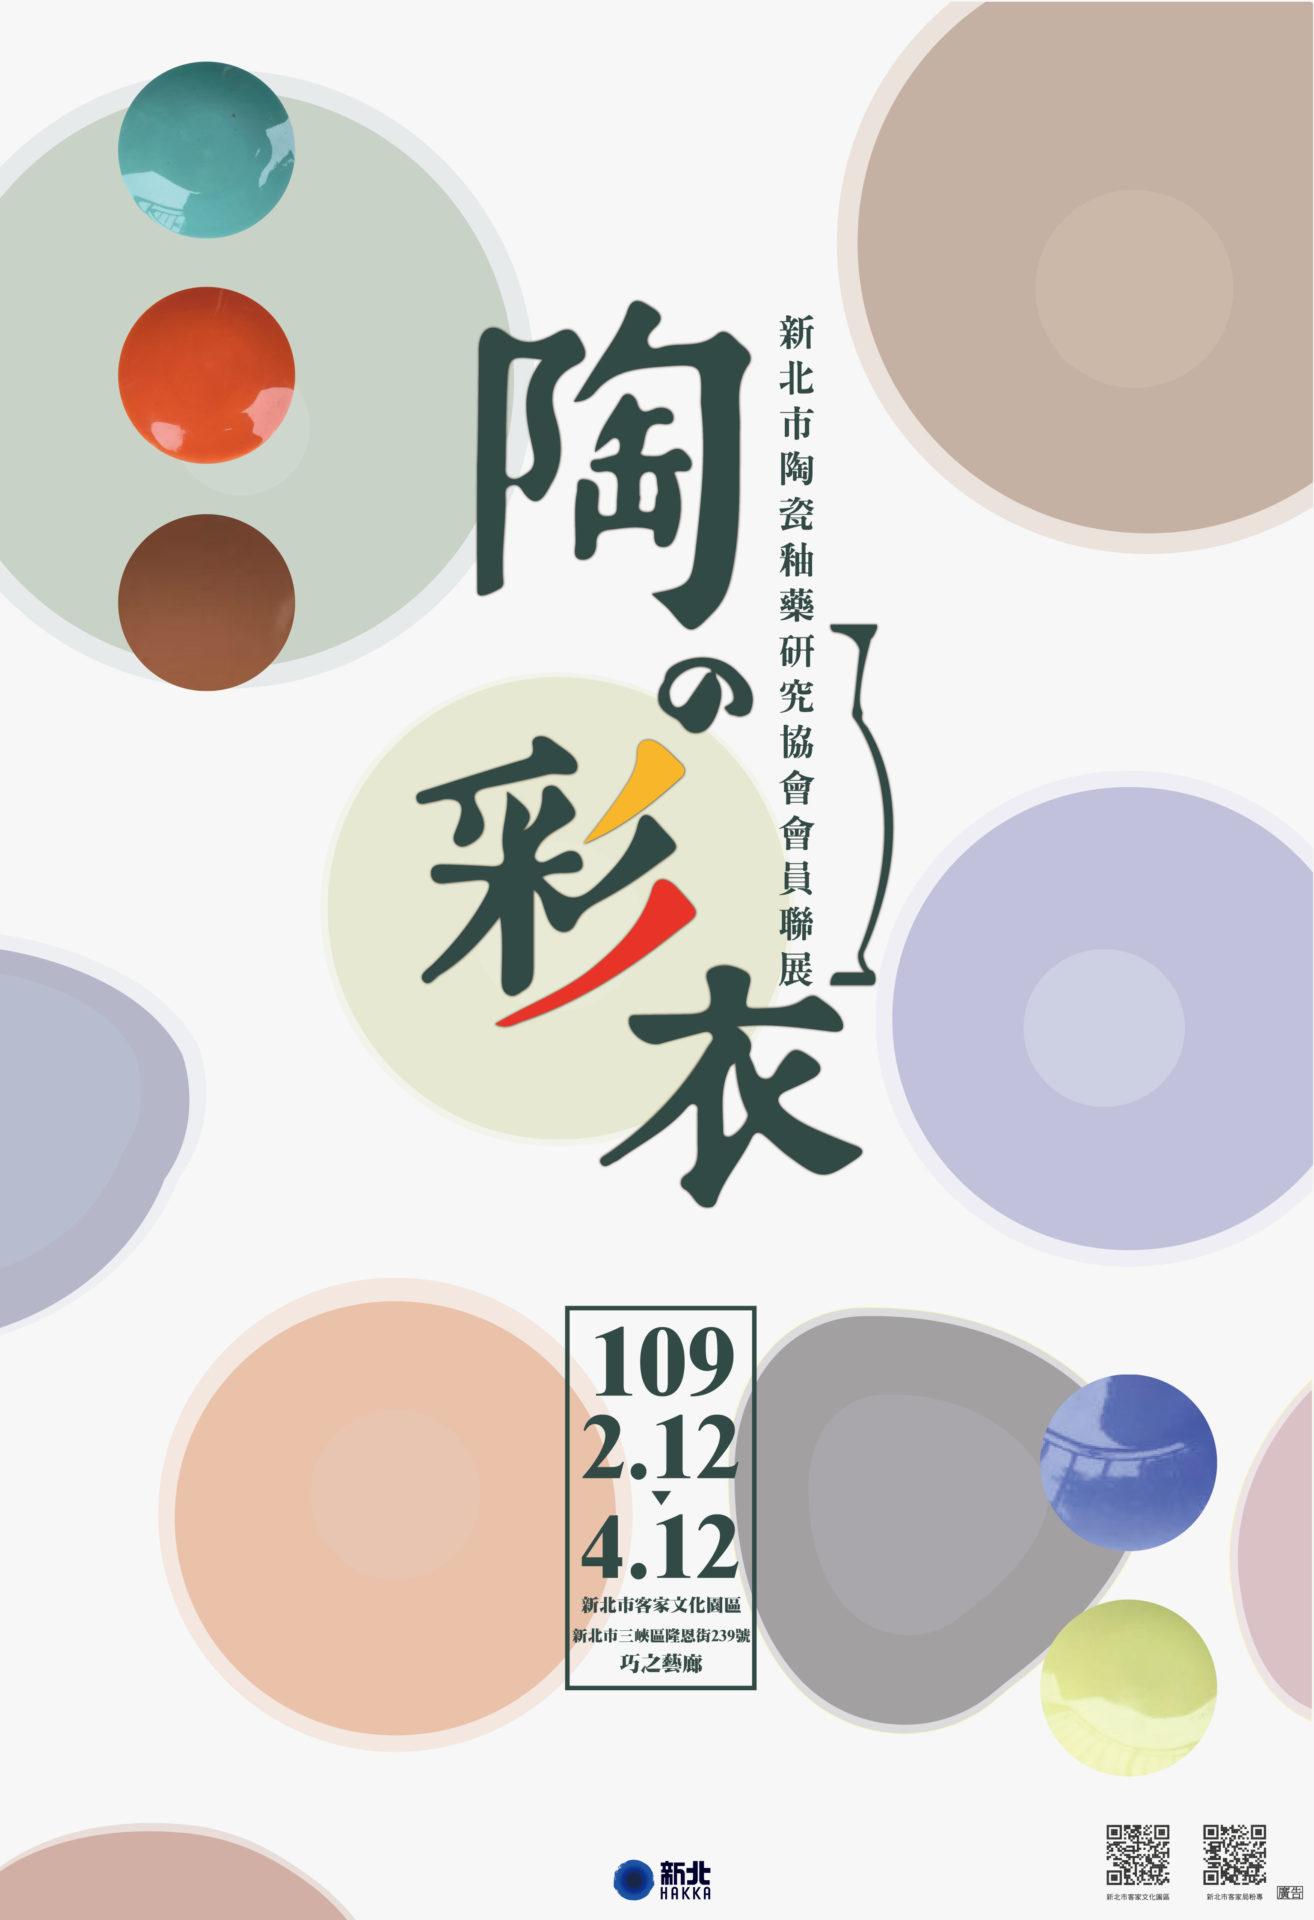 新北市客家文化園區:2020/02/12-04/12【陶の彩衣—新北市陶瓷釉藥研究協會會員聯展】